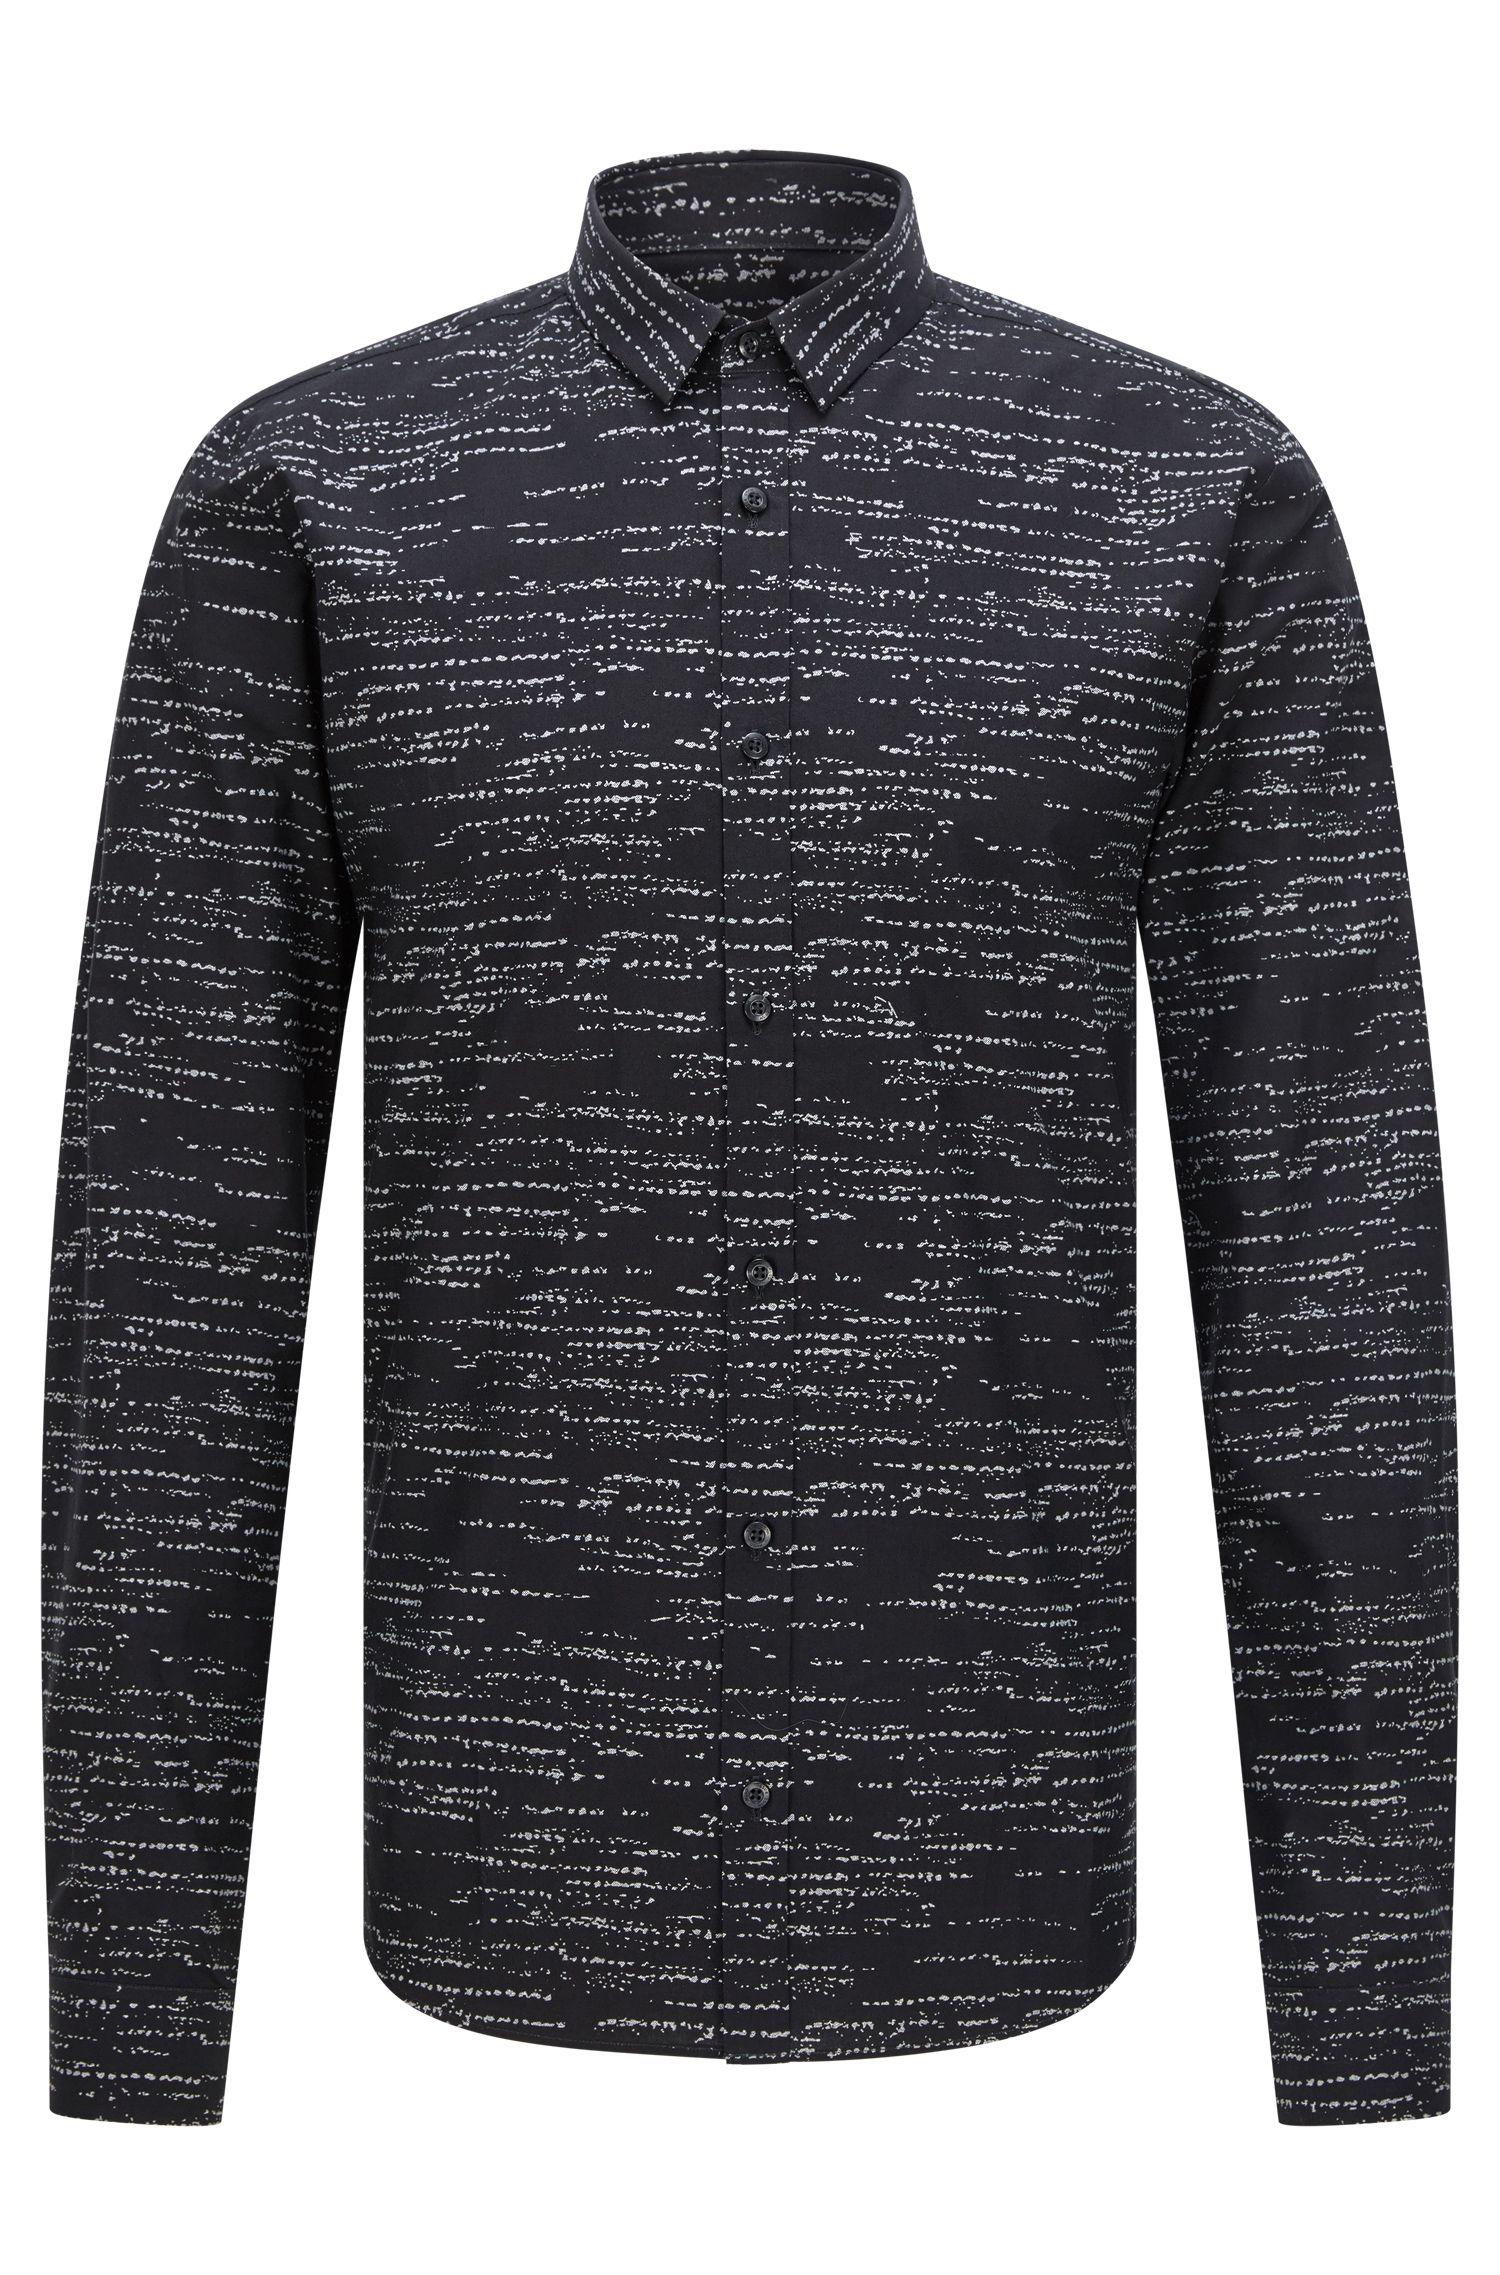 Slim-fit overhemd met een print in een geweven look